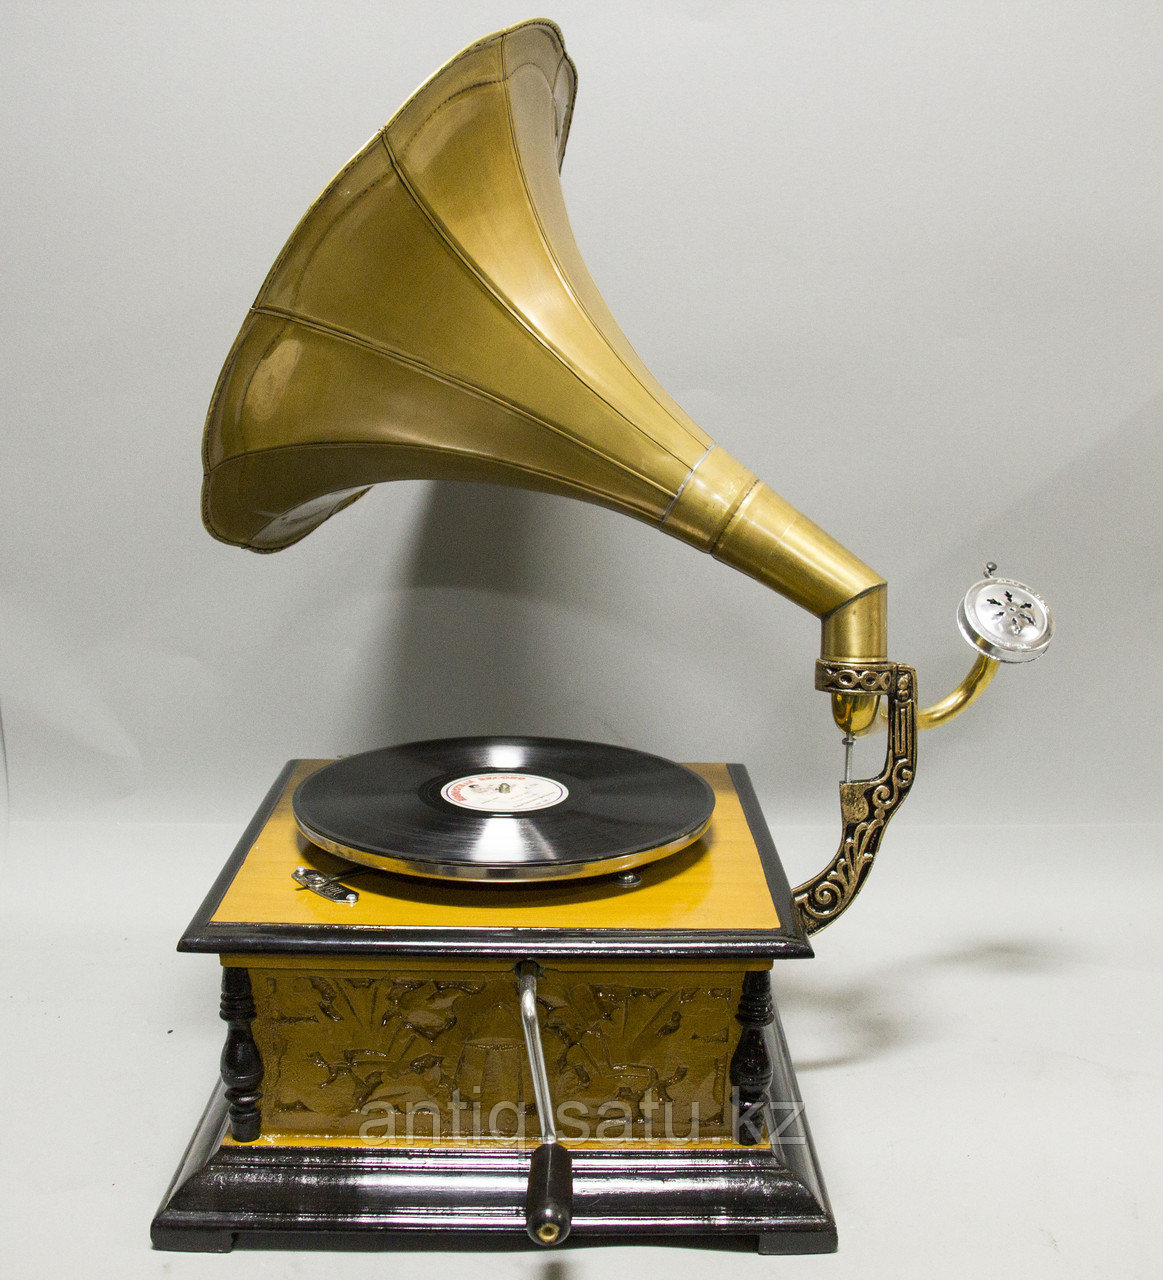 Граммофон. 5 старинных пластинок в подарок покупателю. - фото 2